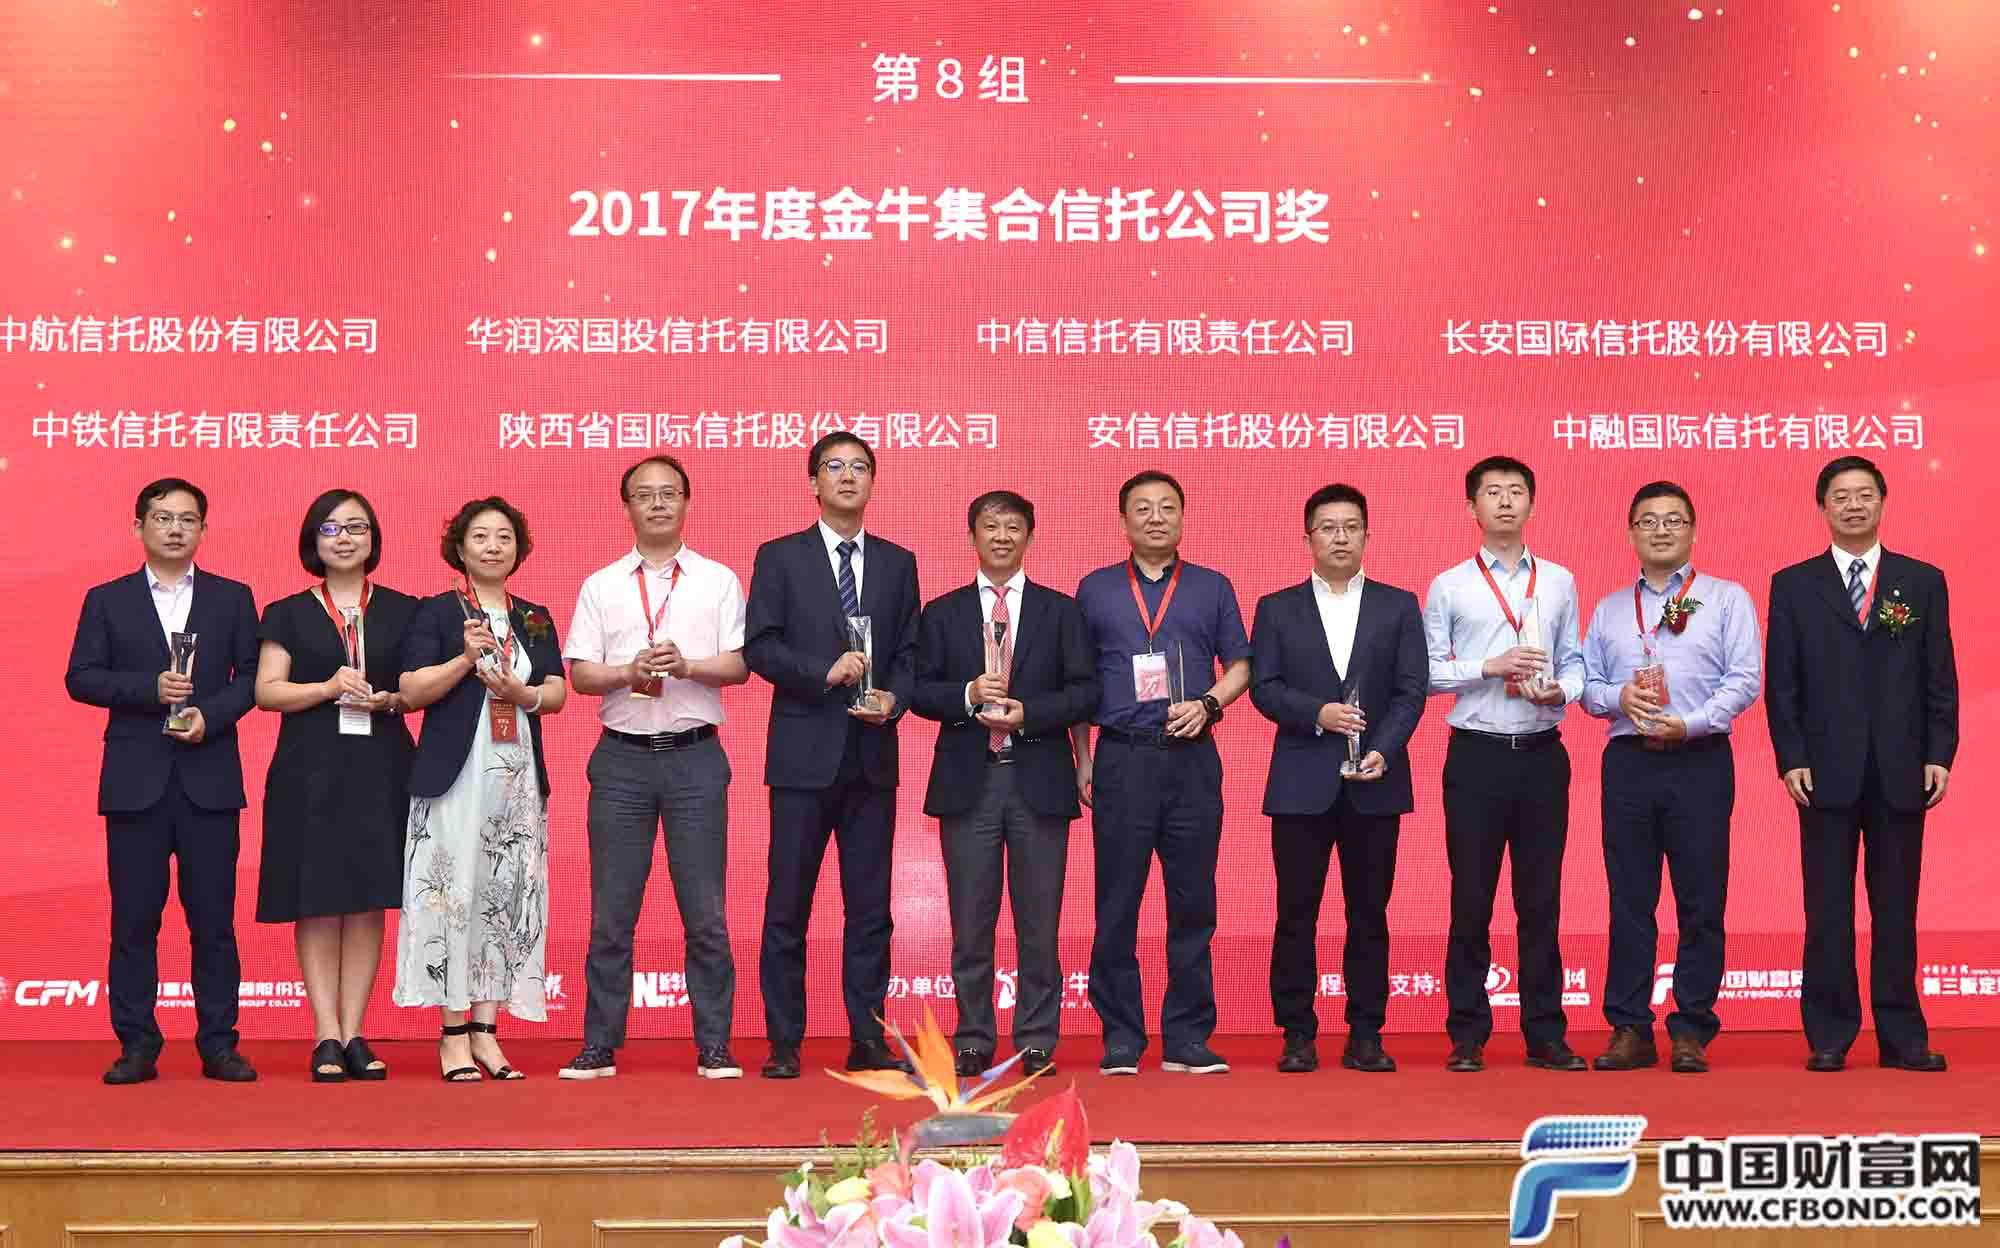 2017年度金牛集合信托公司奖